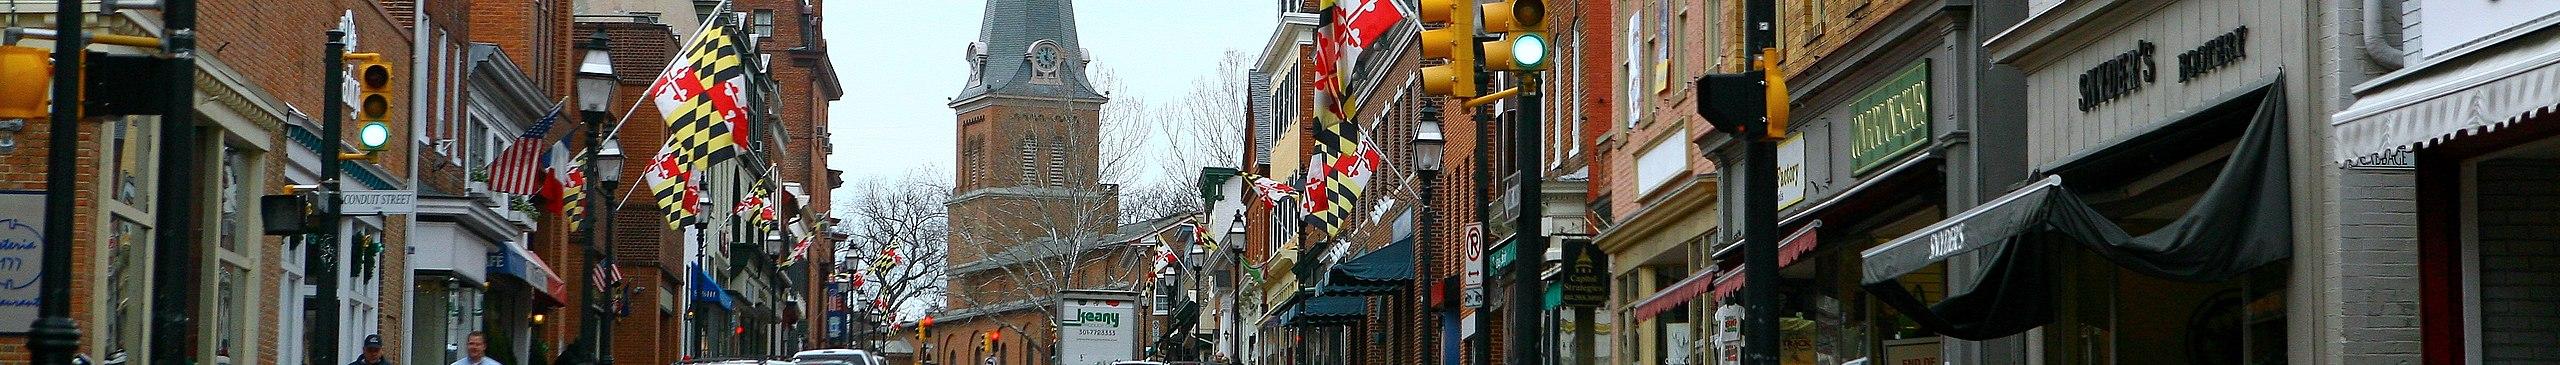 Baltimore Restaurants Waterfront Kitchen